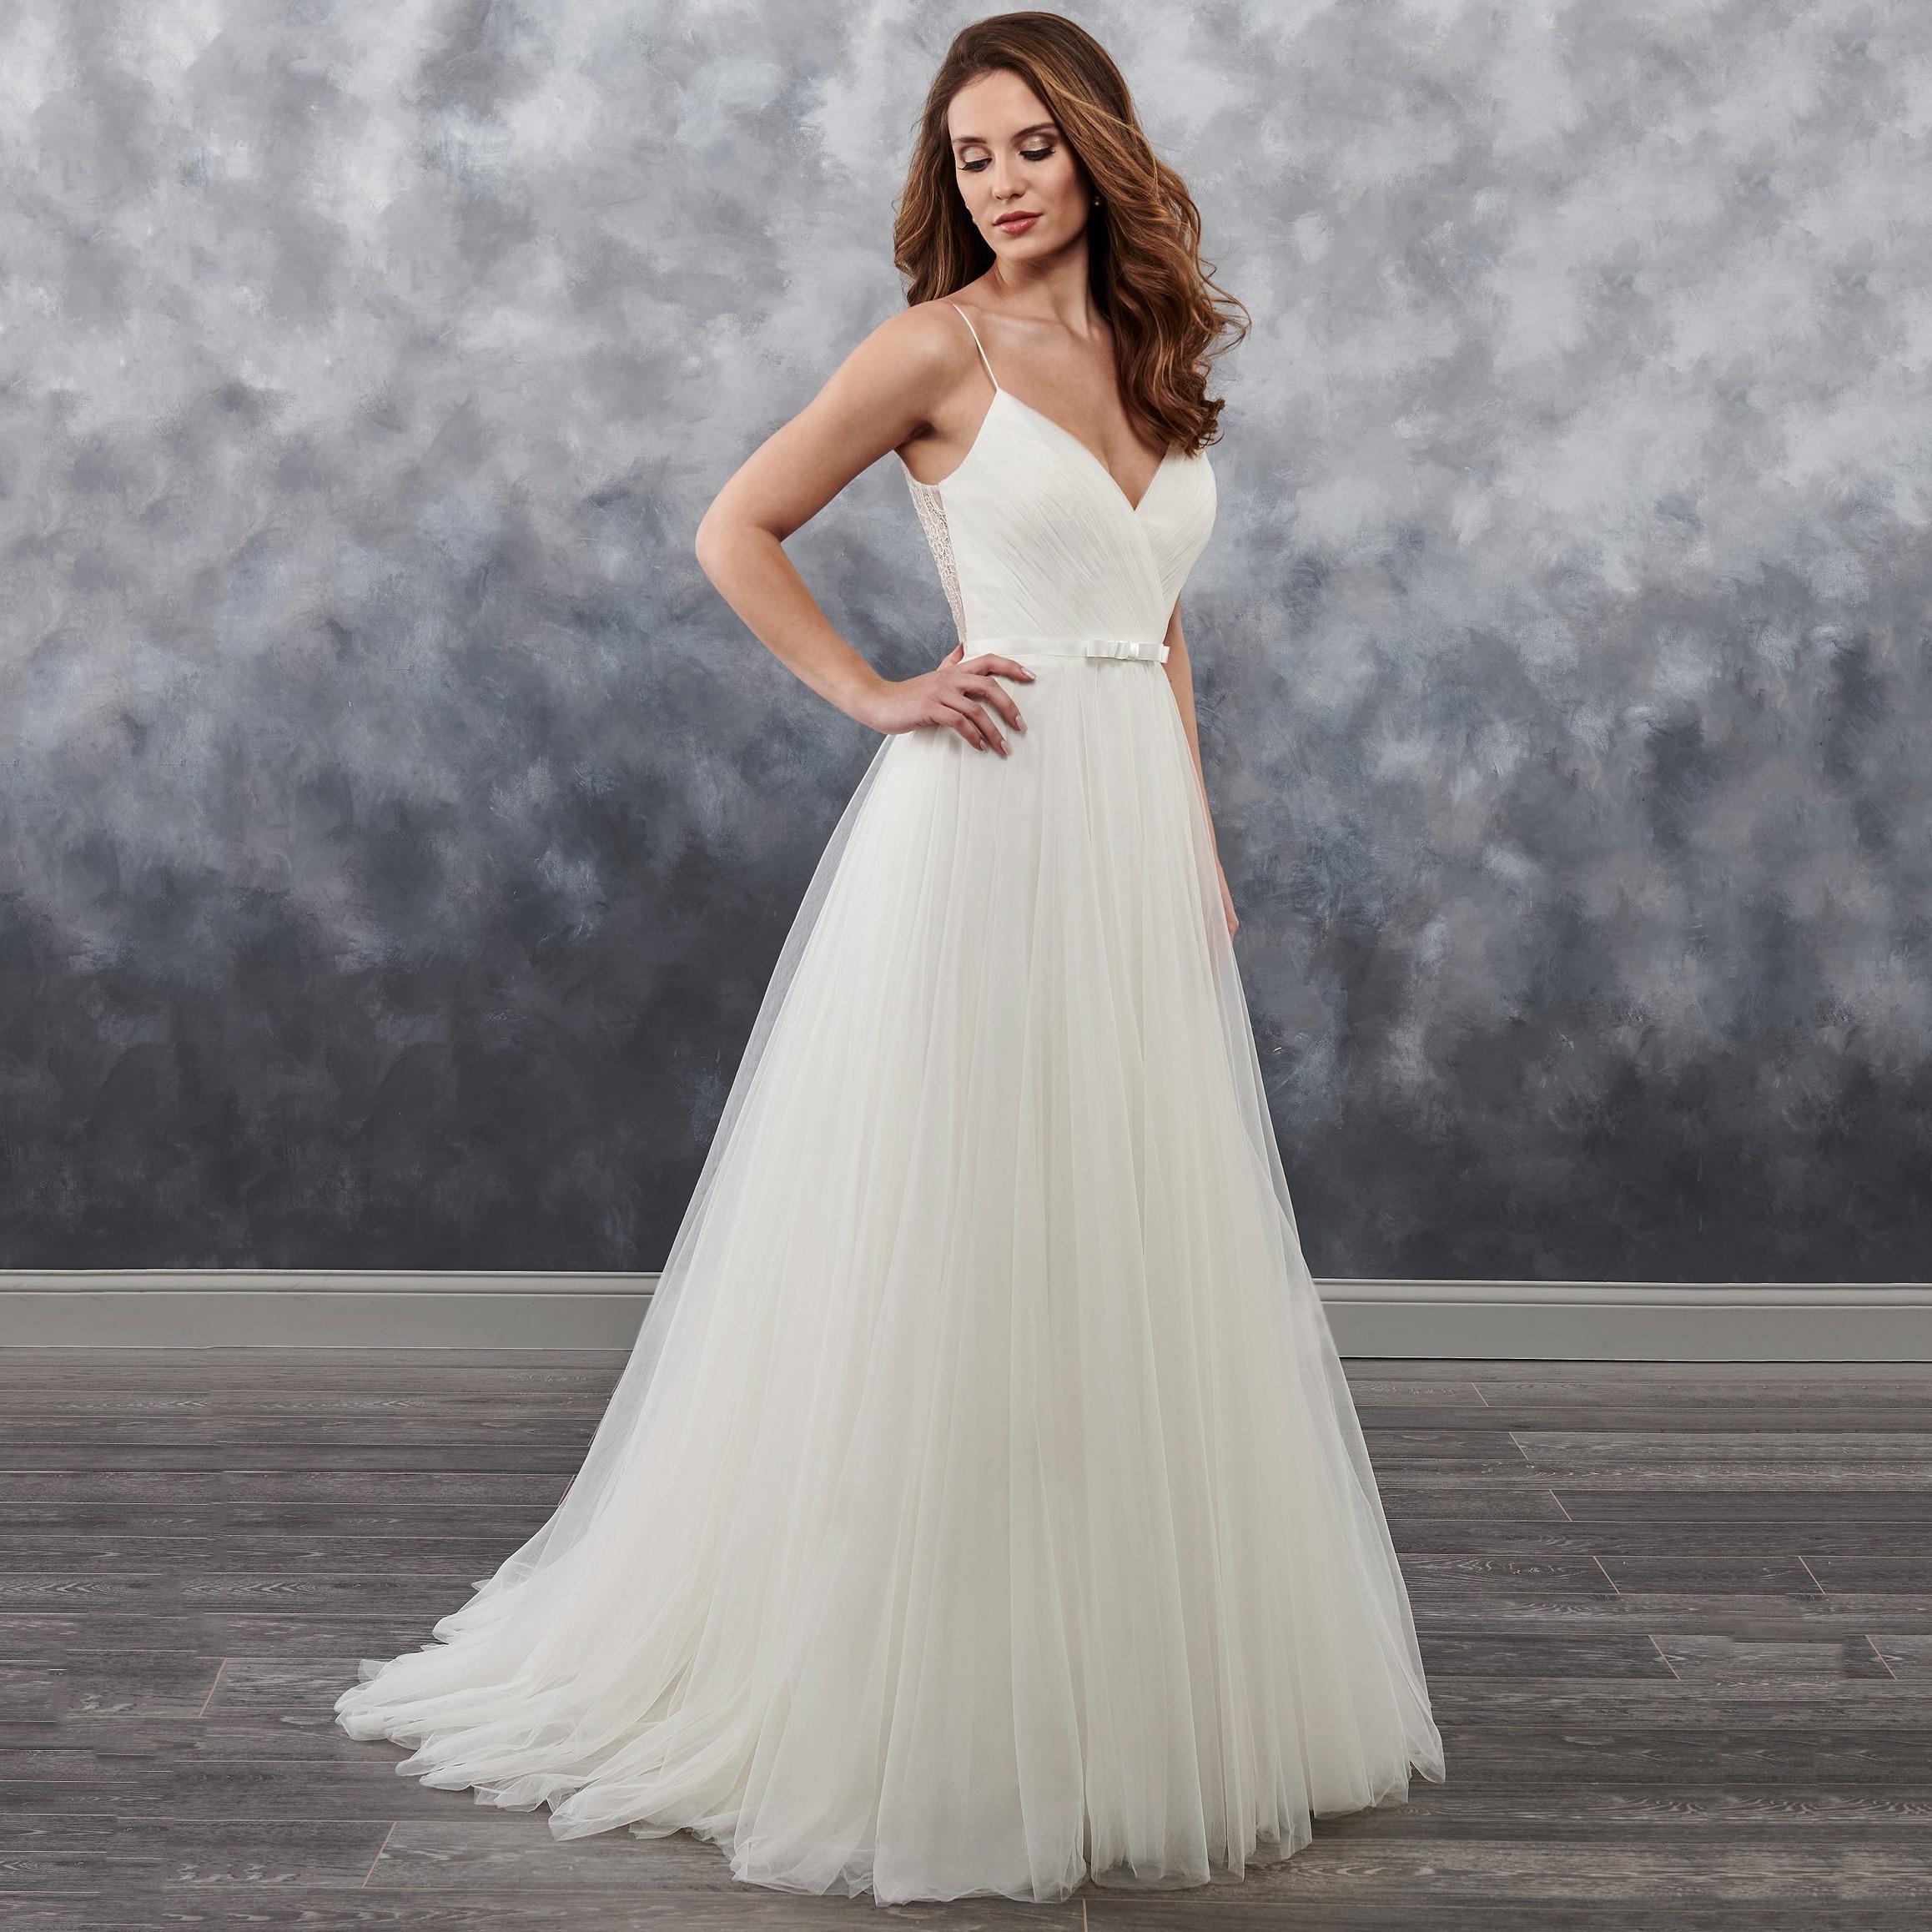 Simple pas cher plis Sexy dos nu chérie robe de mariée sur mesure blanc ivoire Tulle Spaghetti bretelles robe de mariée